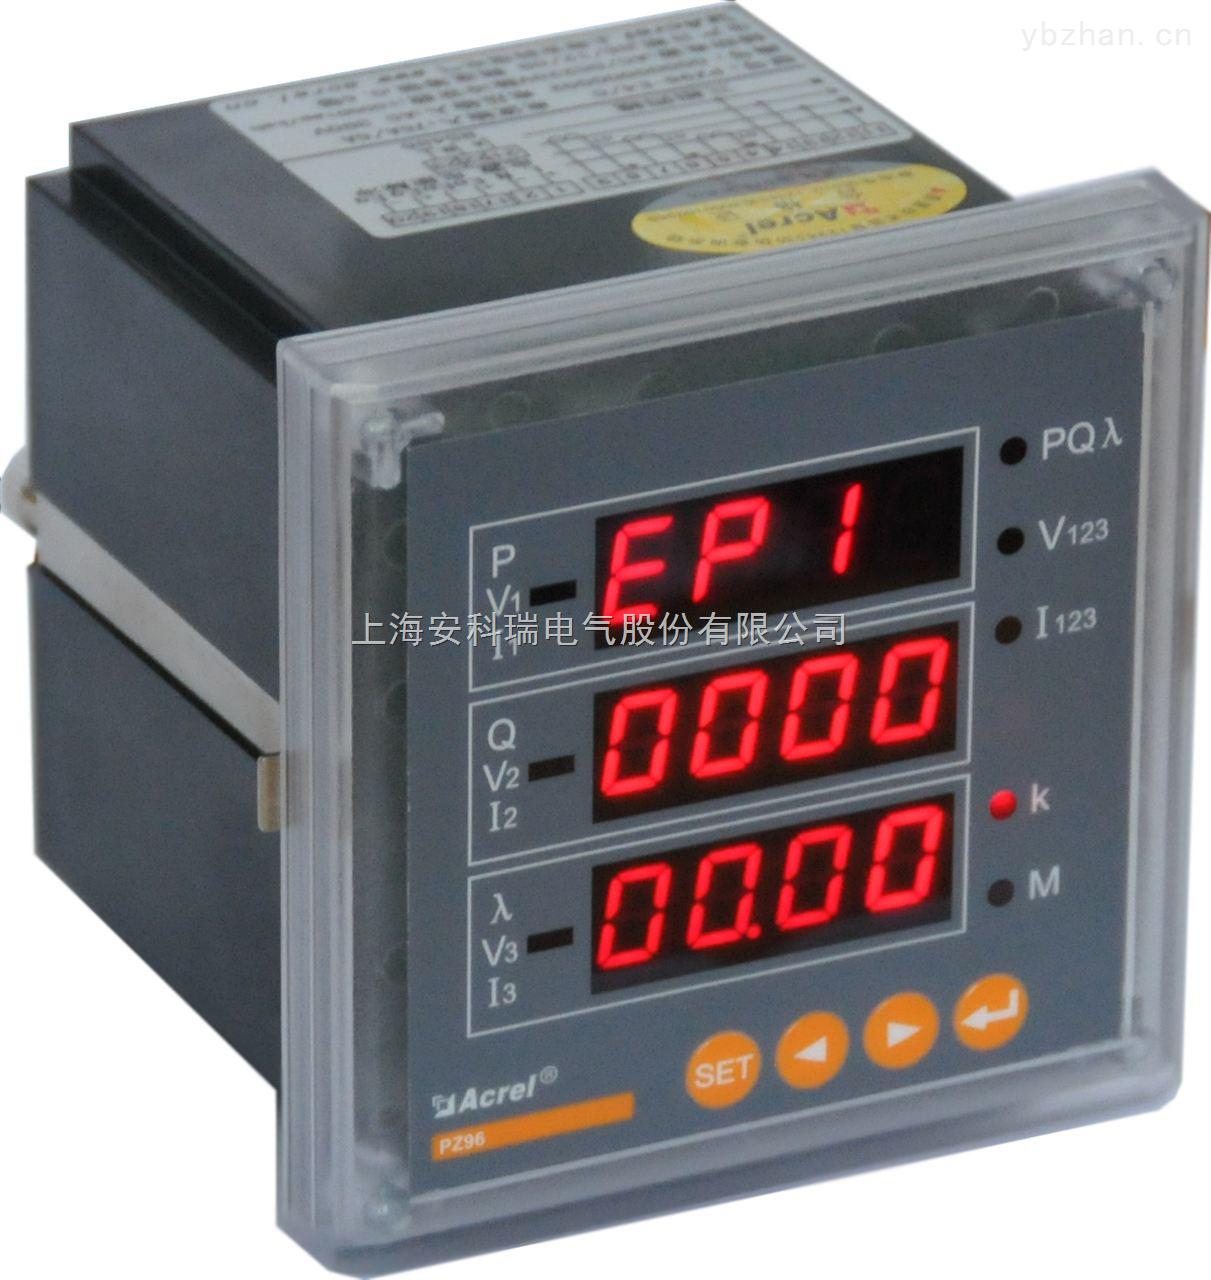 安科瑞 PZ96-P4多功能电力仪表